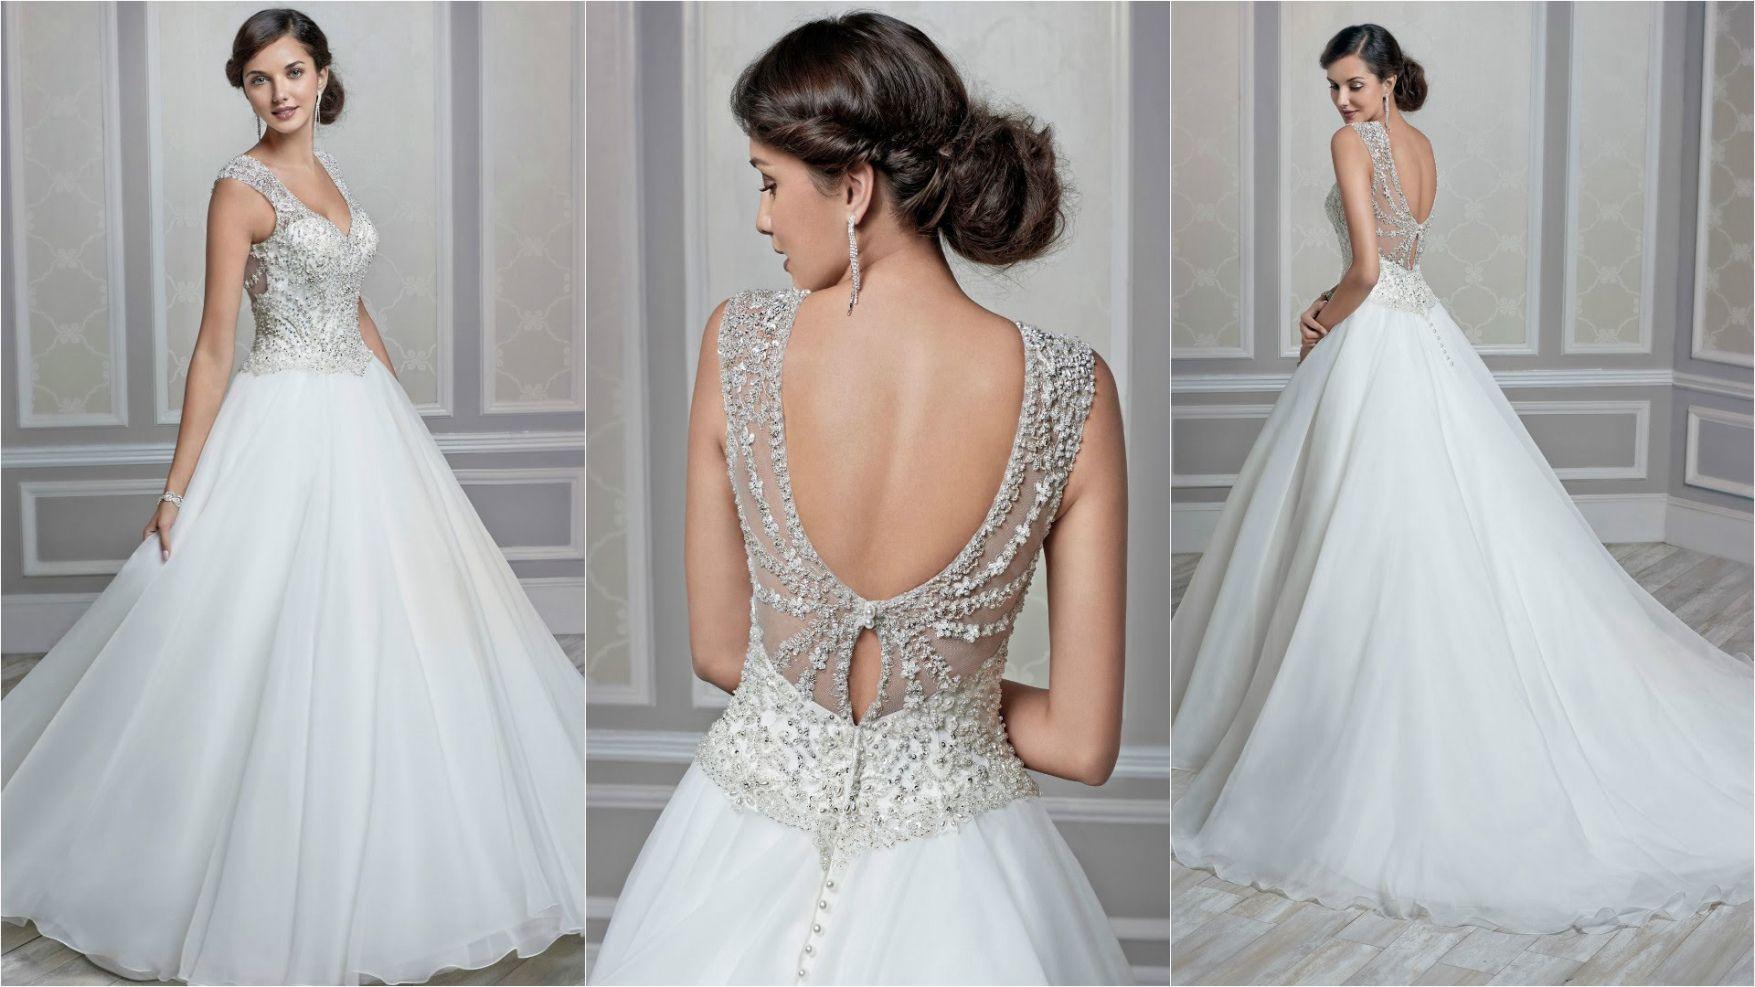 Beach wedding dresses for guest   Vera Wang Beach Wedding Dresses  Dress for Country Wedding